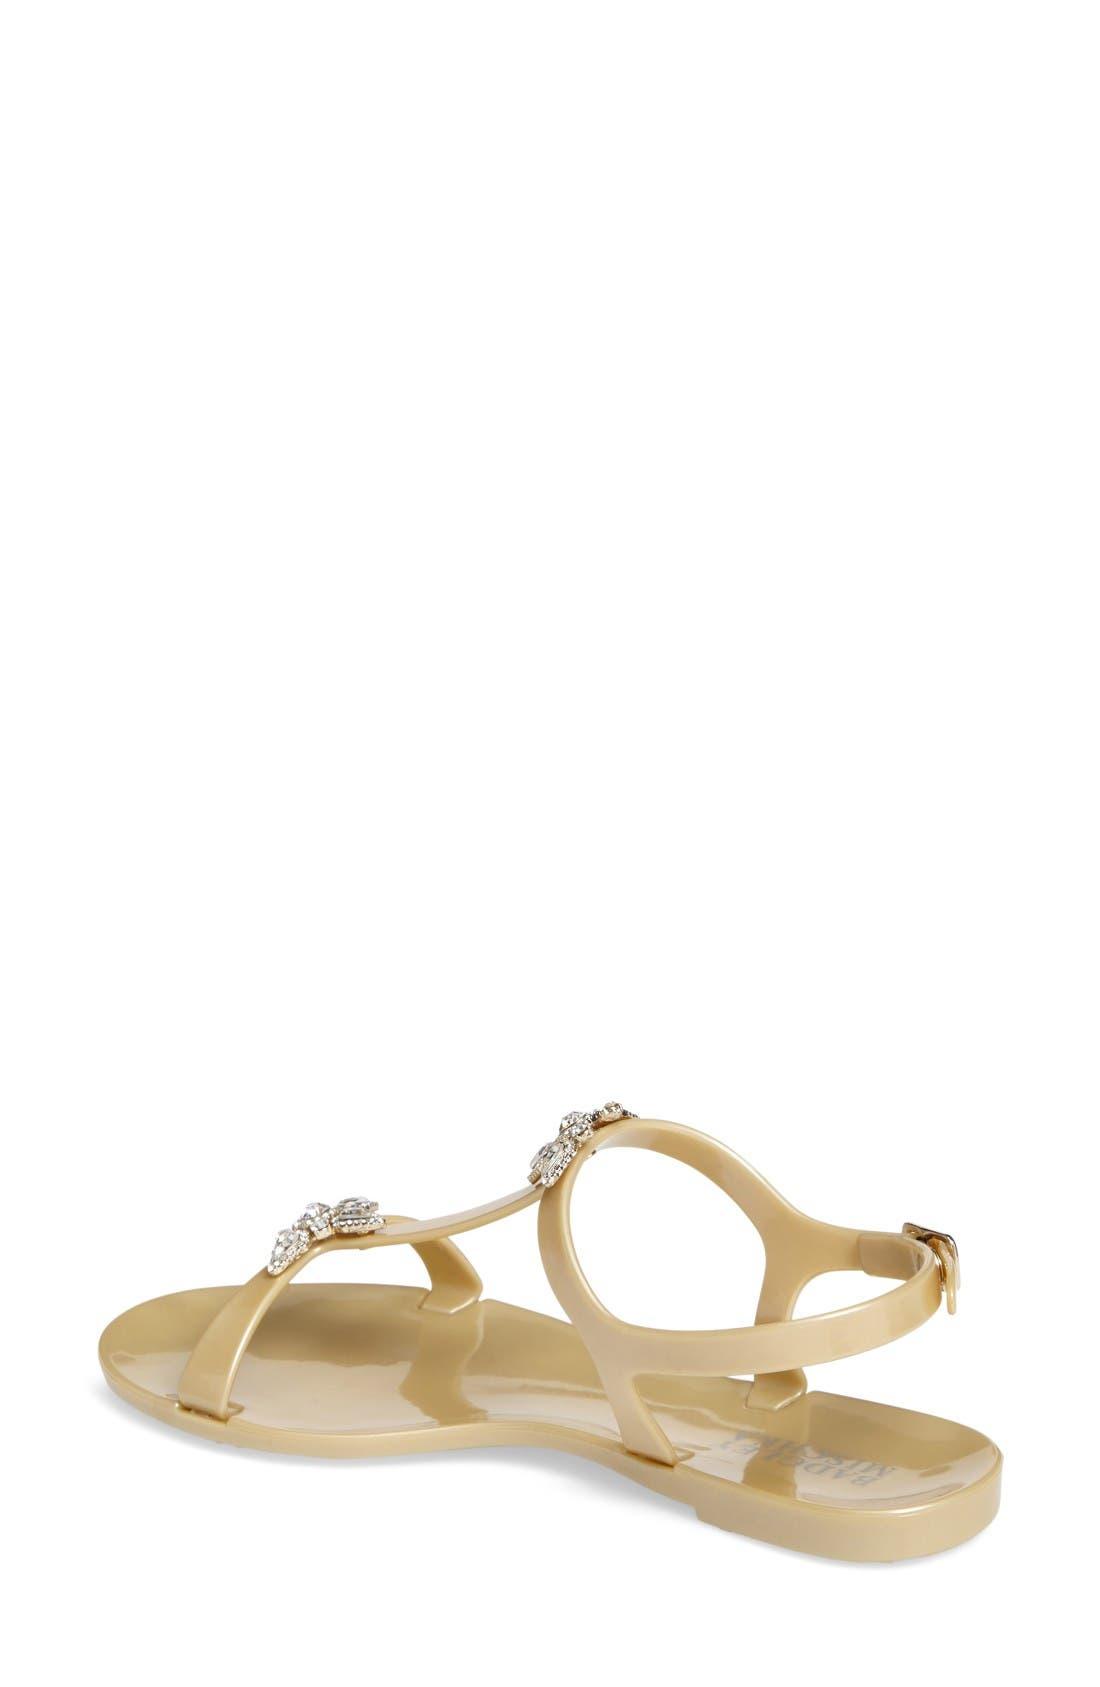 Alternate Image 2  - Badgley Mischka Belize Crystal Embellished Flat Sandal (Women)